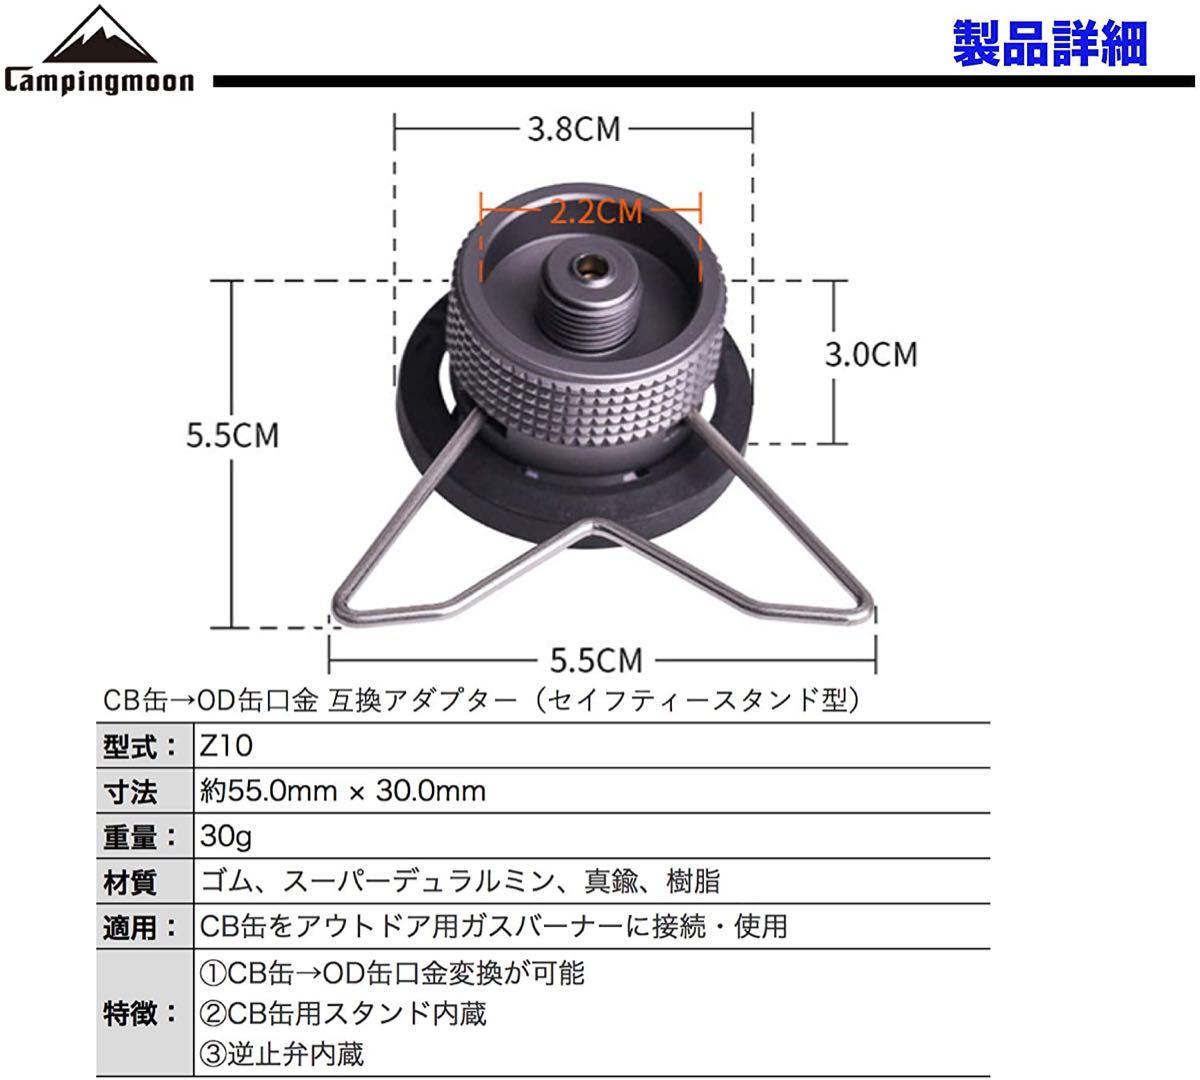 キャンピングムーン CAMPING MOON OD缶CB缶へ 互換アダプター 変換アダプター